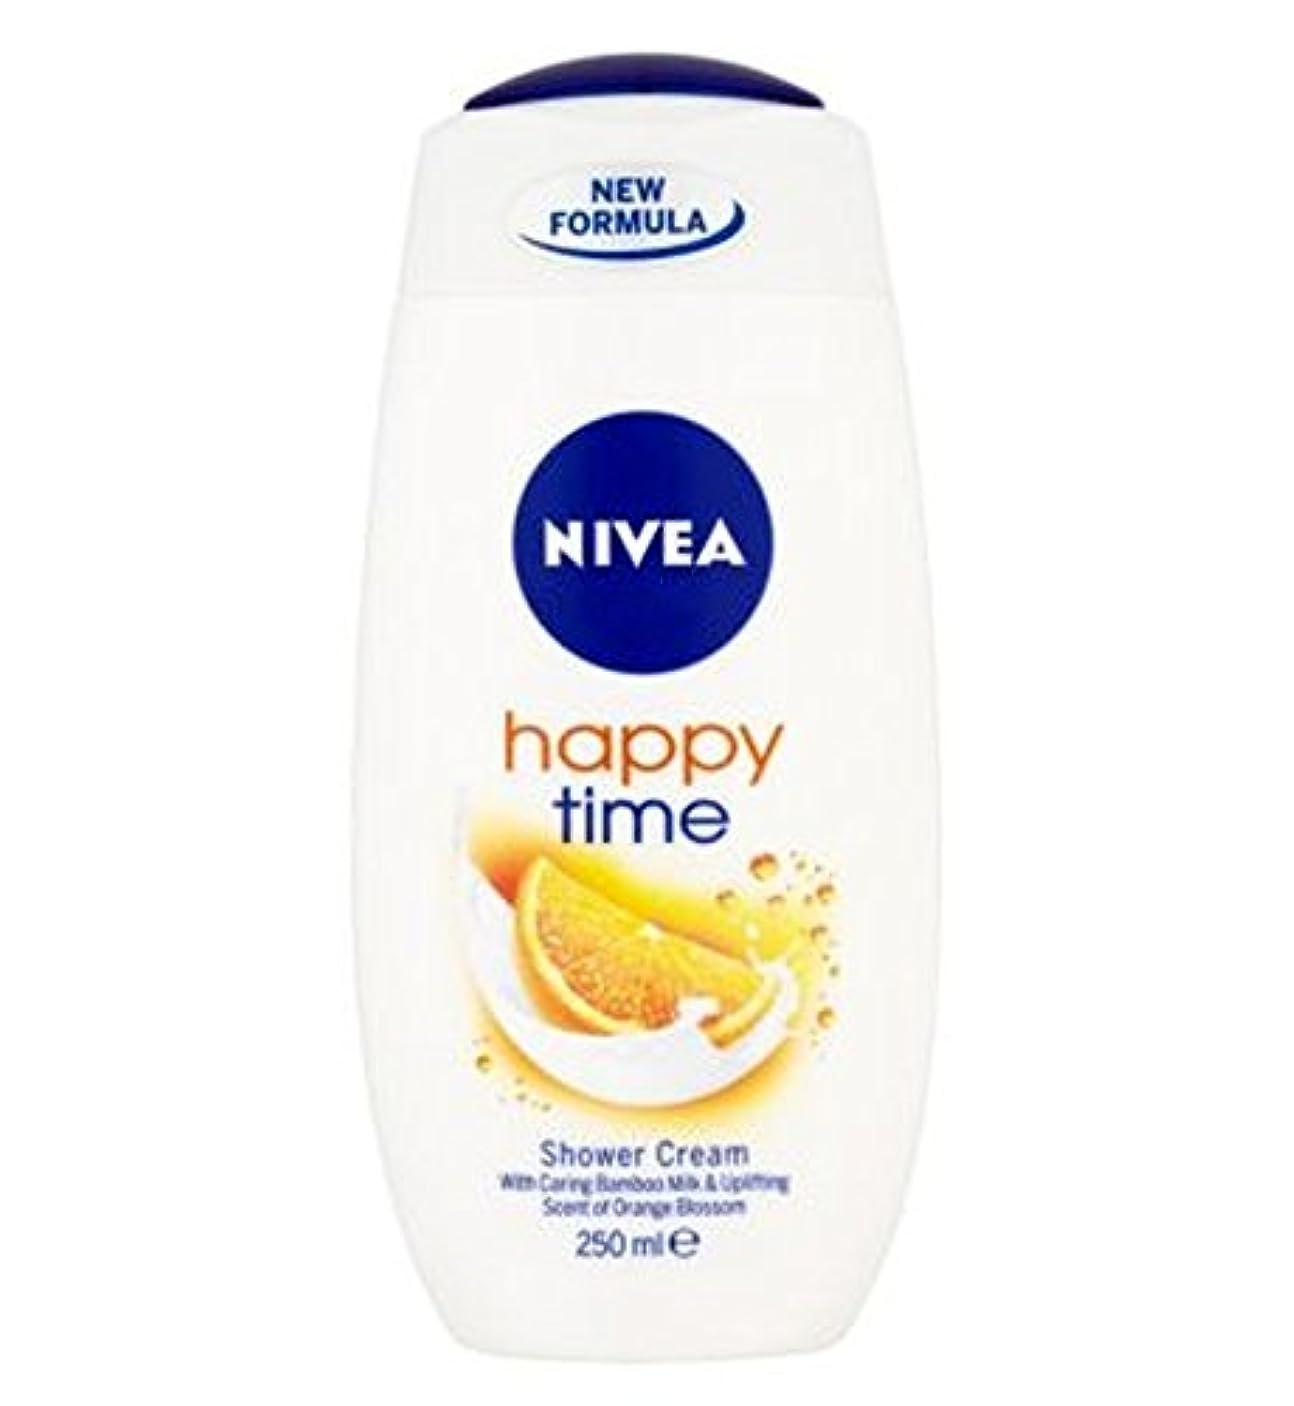 手錠モナリザタオルニベア幸せな時間シャワークリーム250ミリリットル (Nivea) (x2) - NIVEA Happy Time Shower Cream 250ml (Pack of 2) [並行輸入品]